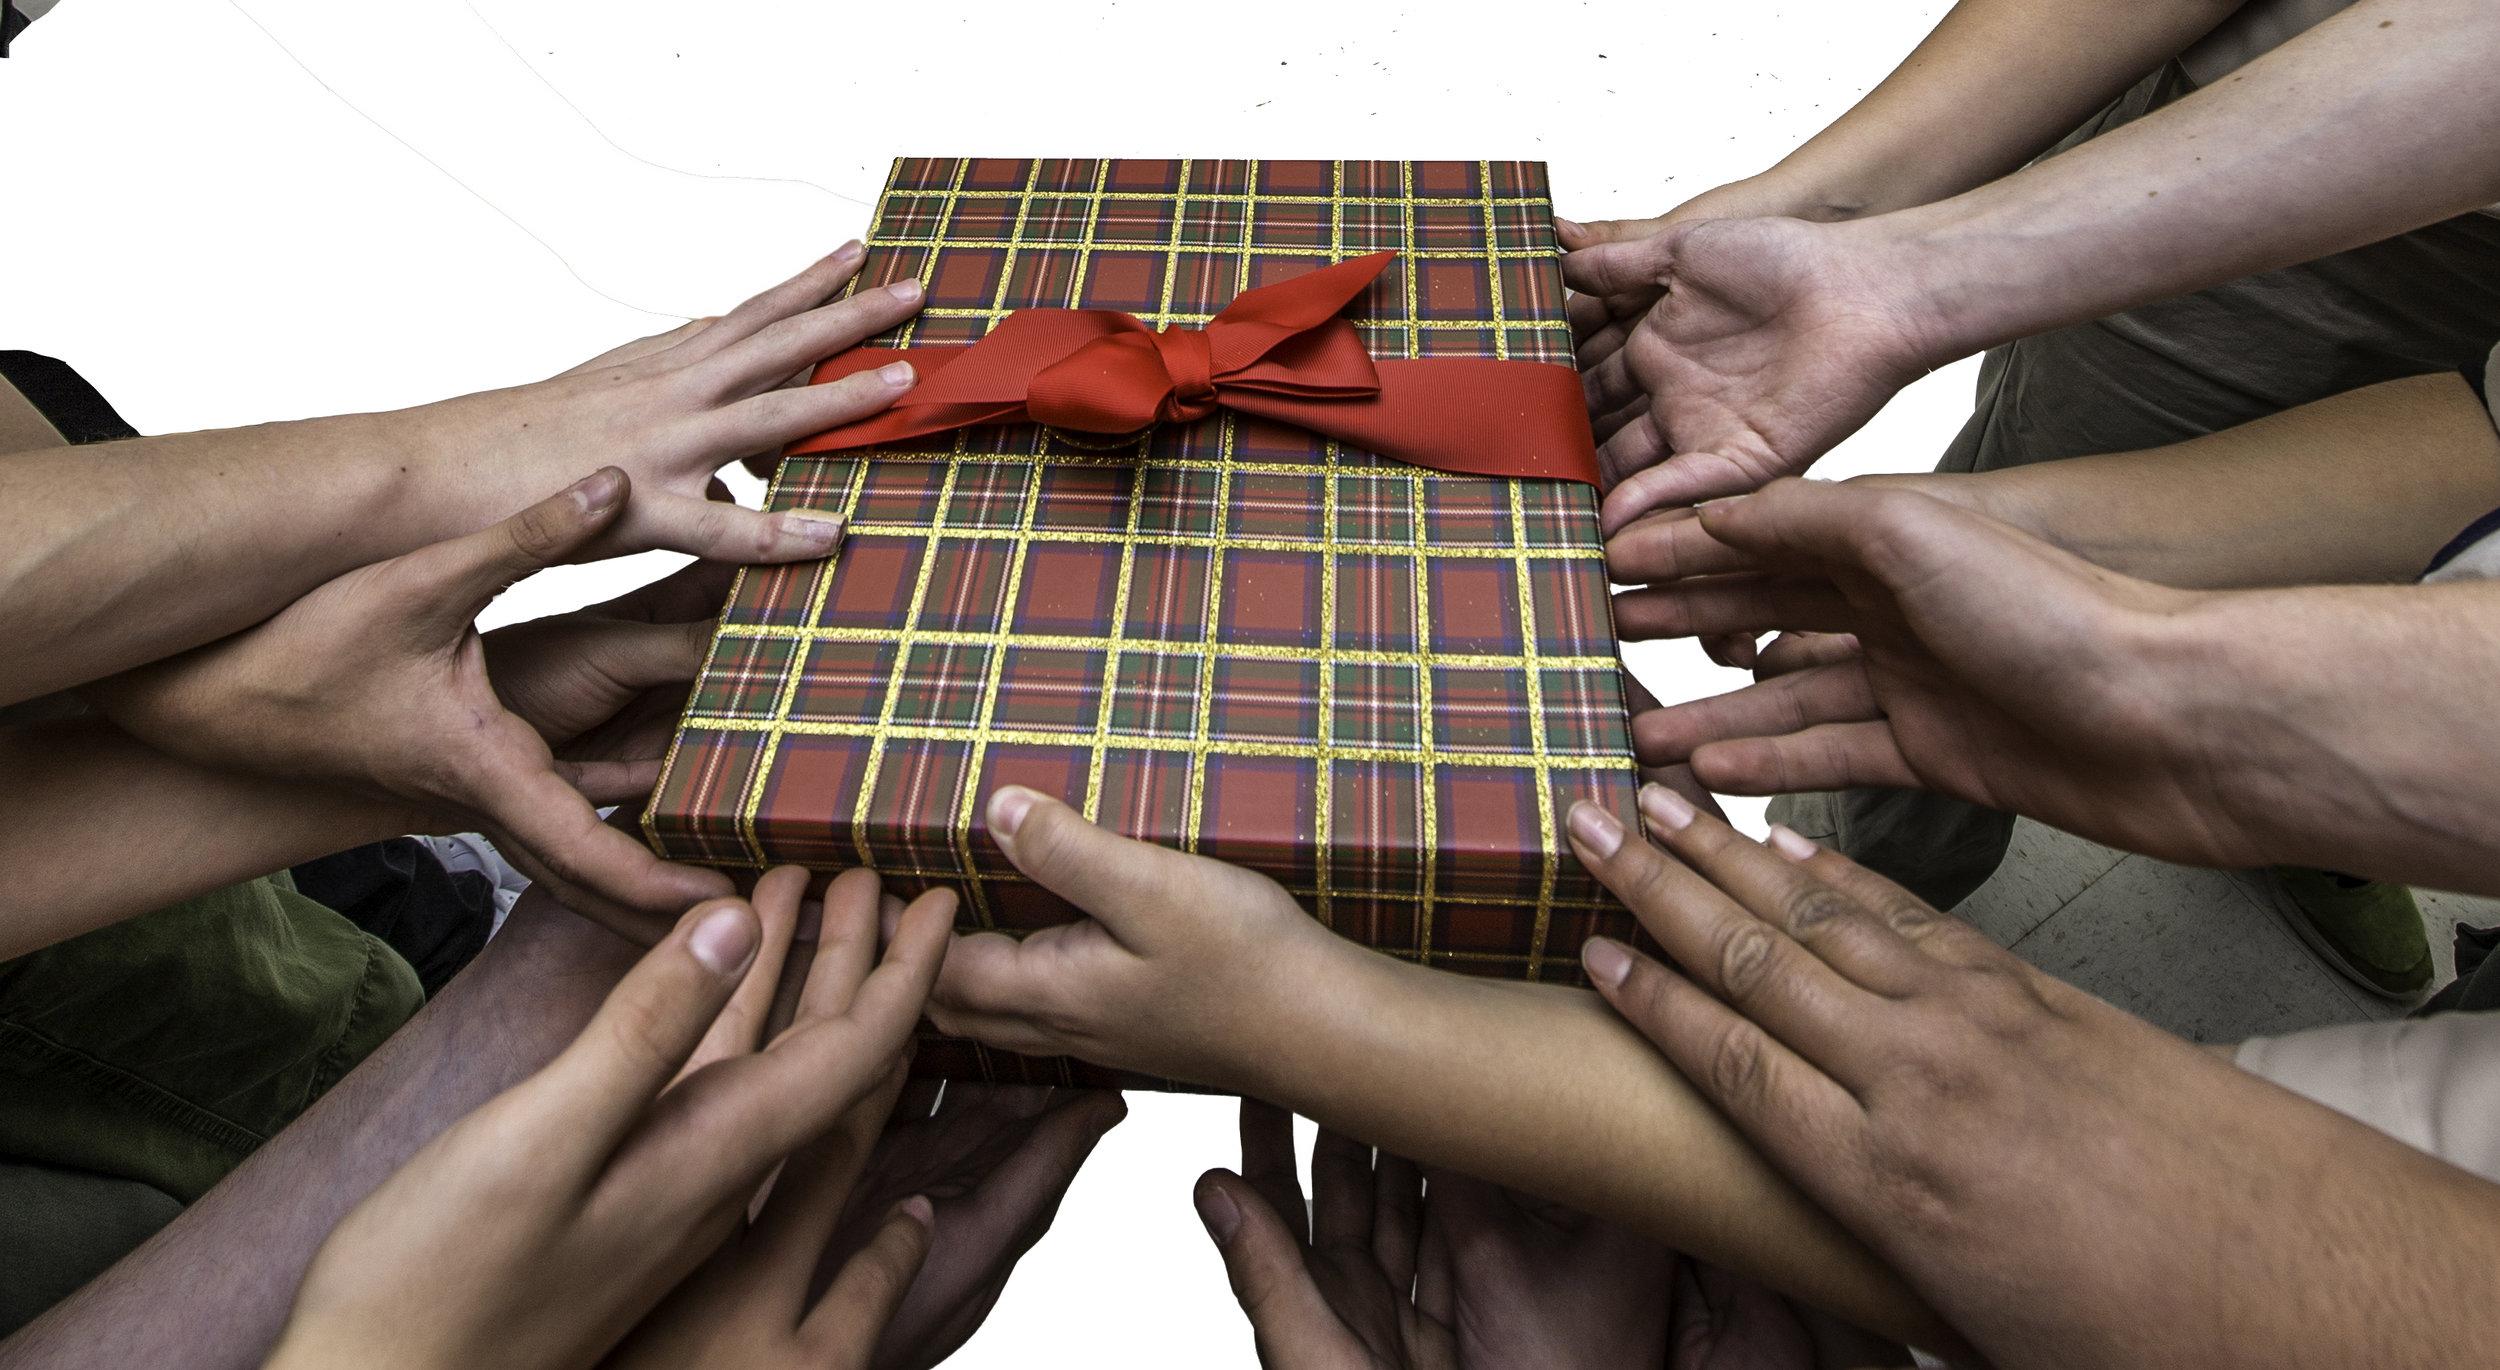 003-1_171127_Santa_Box_.jpg